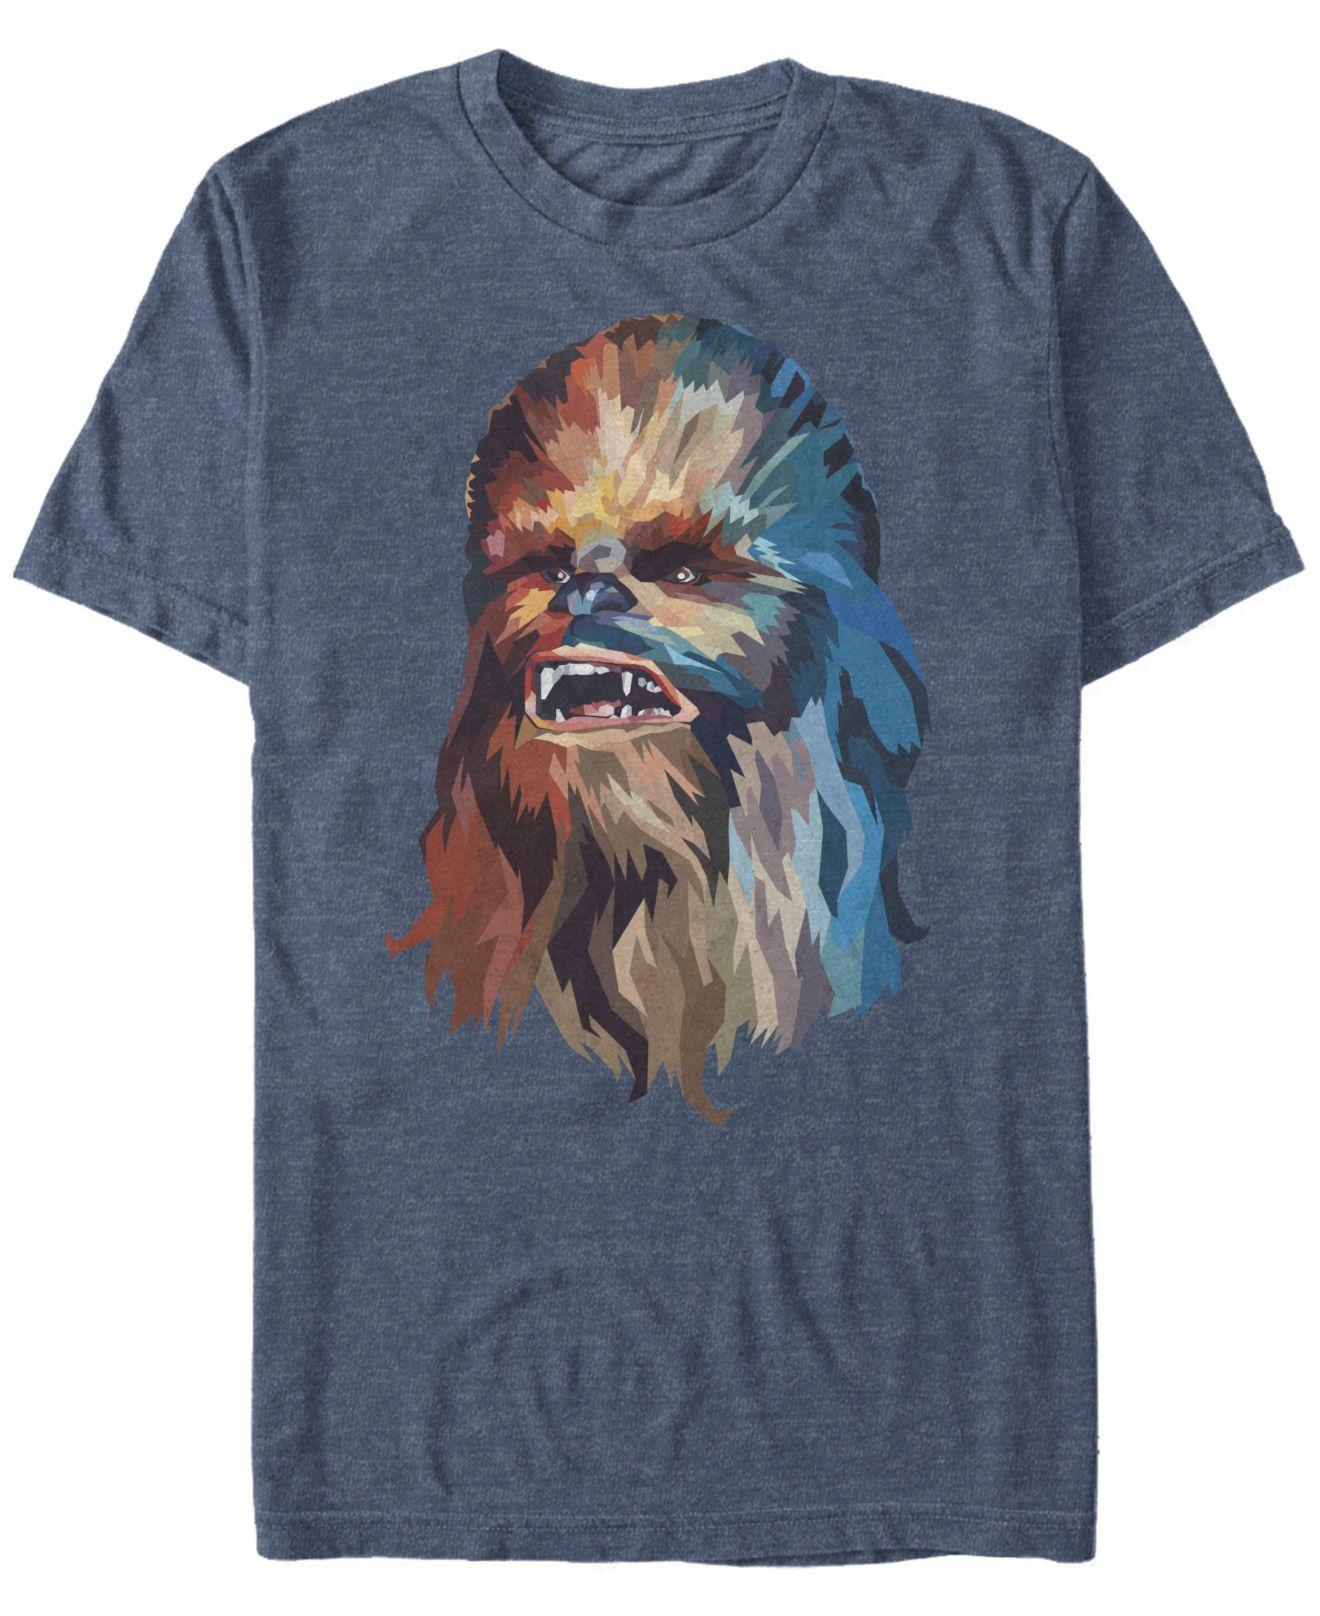 Star Wars Chewie T-Shirt Gar/çon